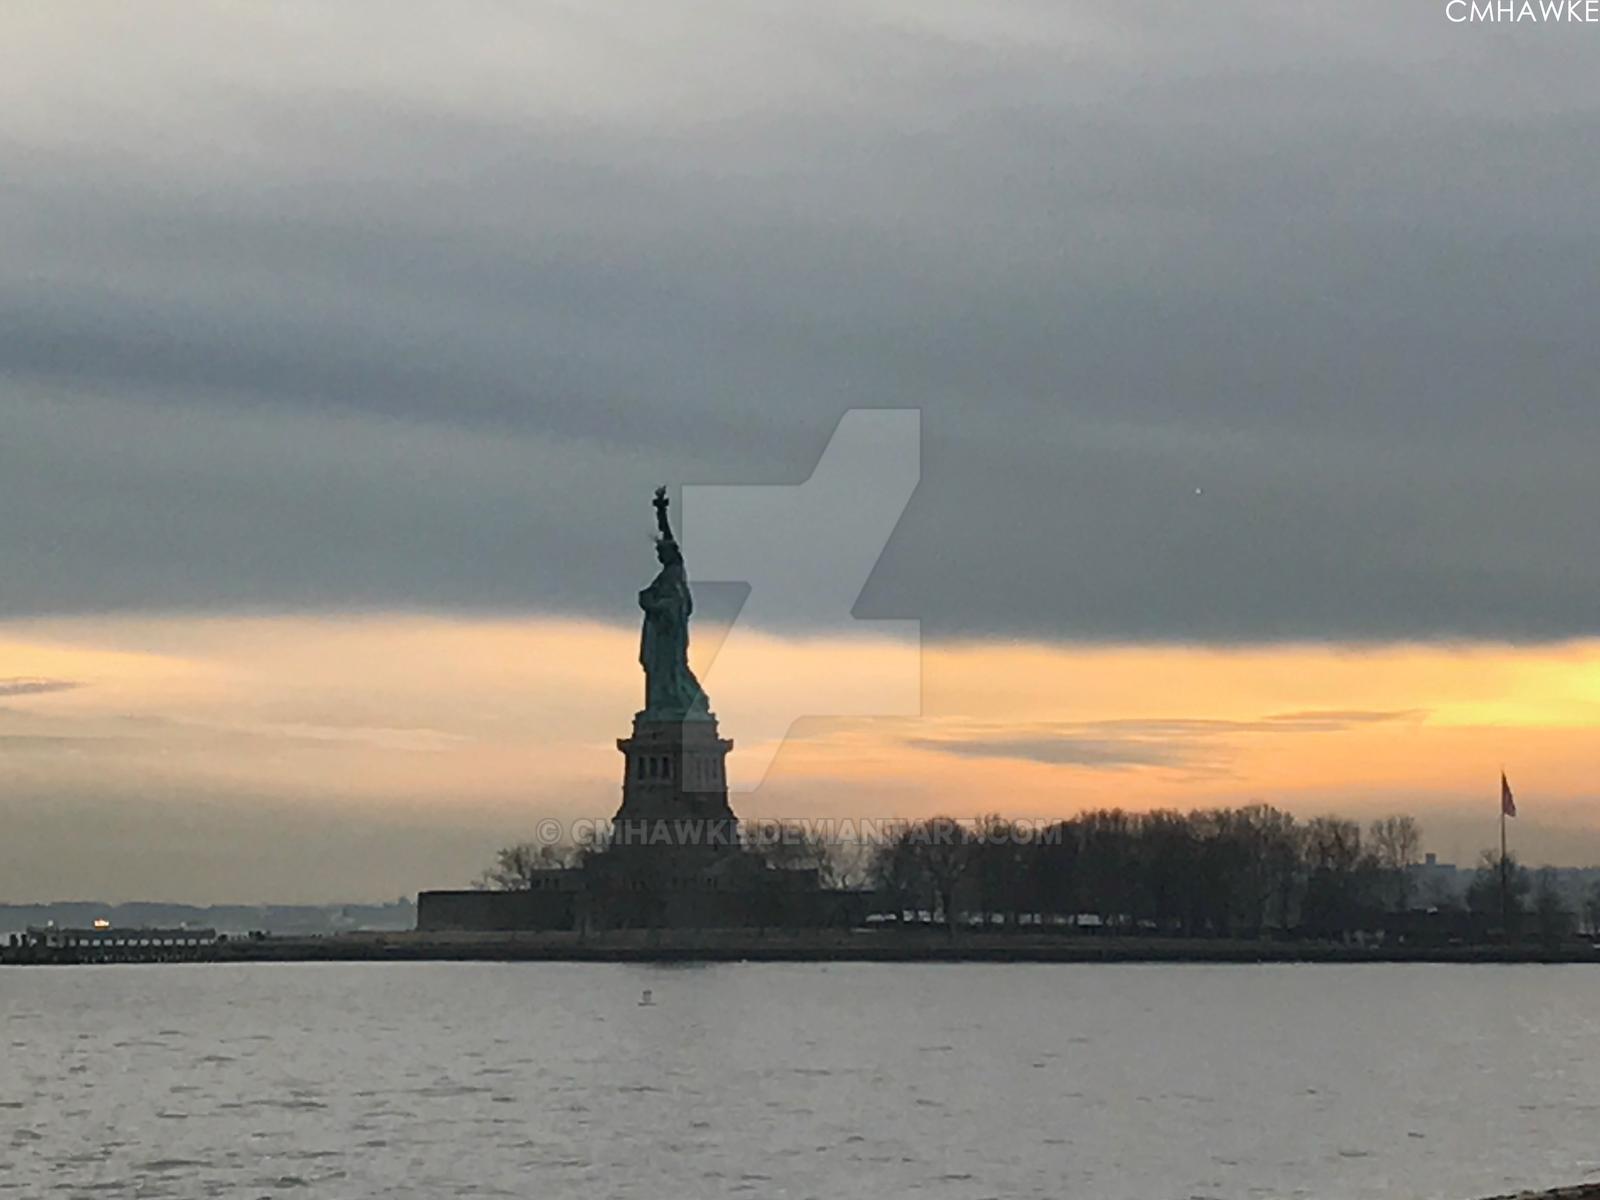 Liberty Island by cmhawke